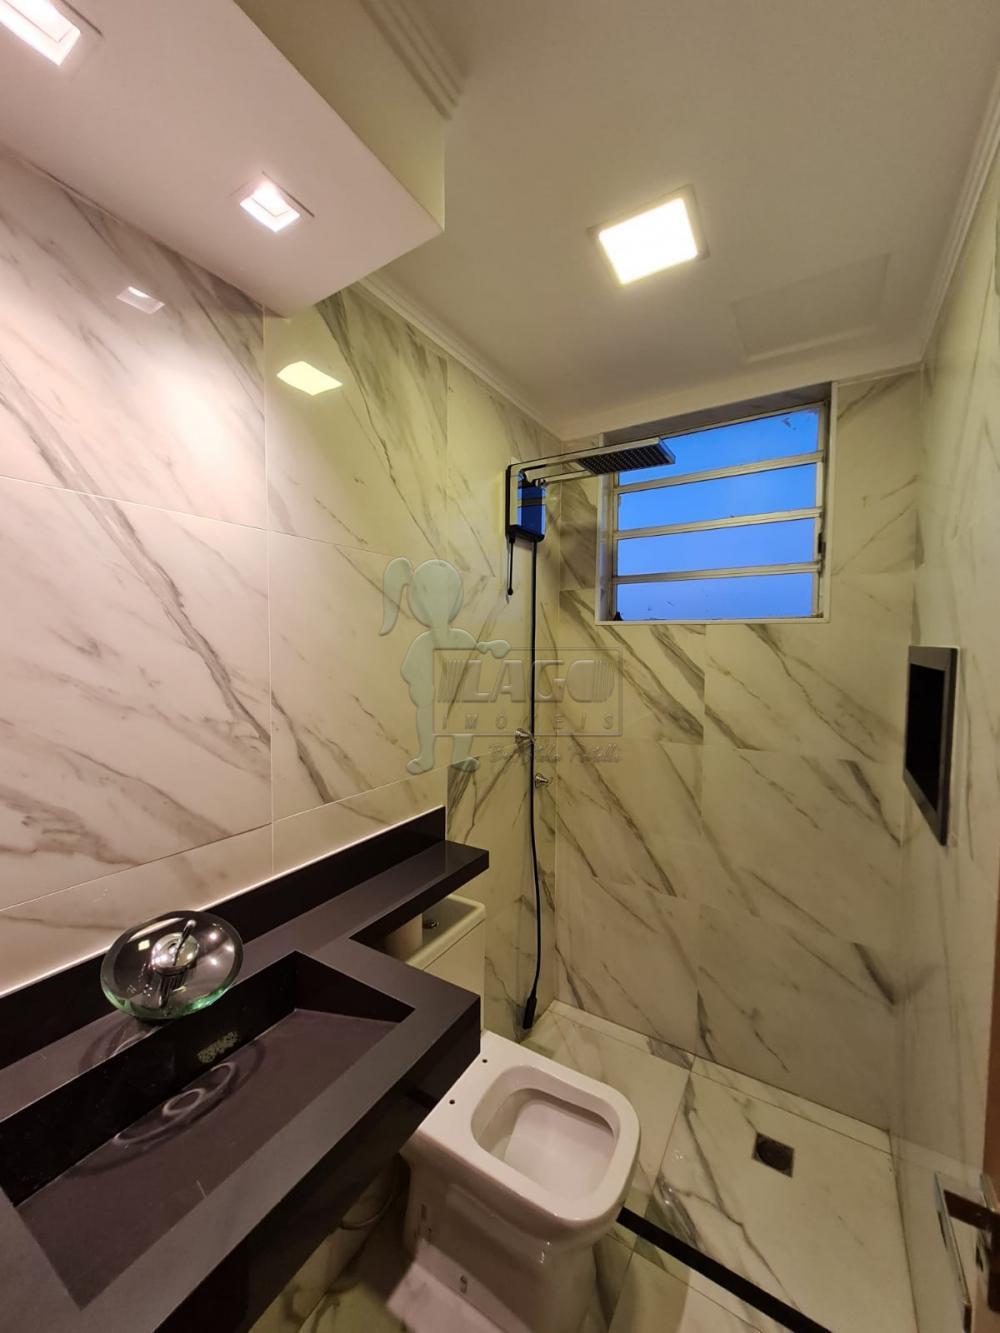 Alugar Apartamento / Padrão em Ribeirao Preto R$ 1.650,00 - Foto 16